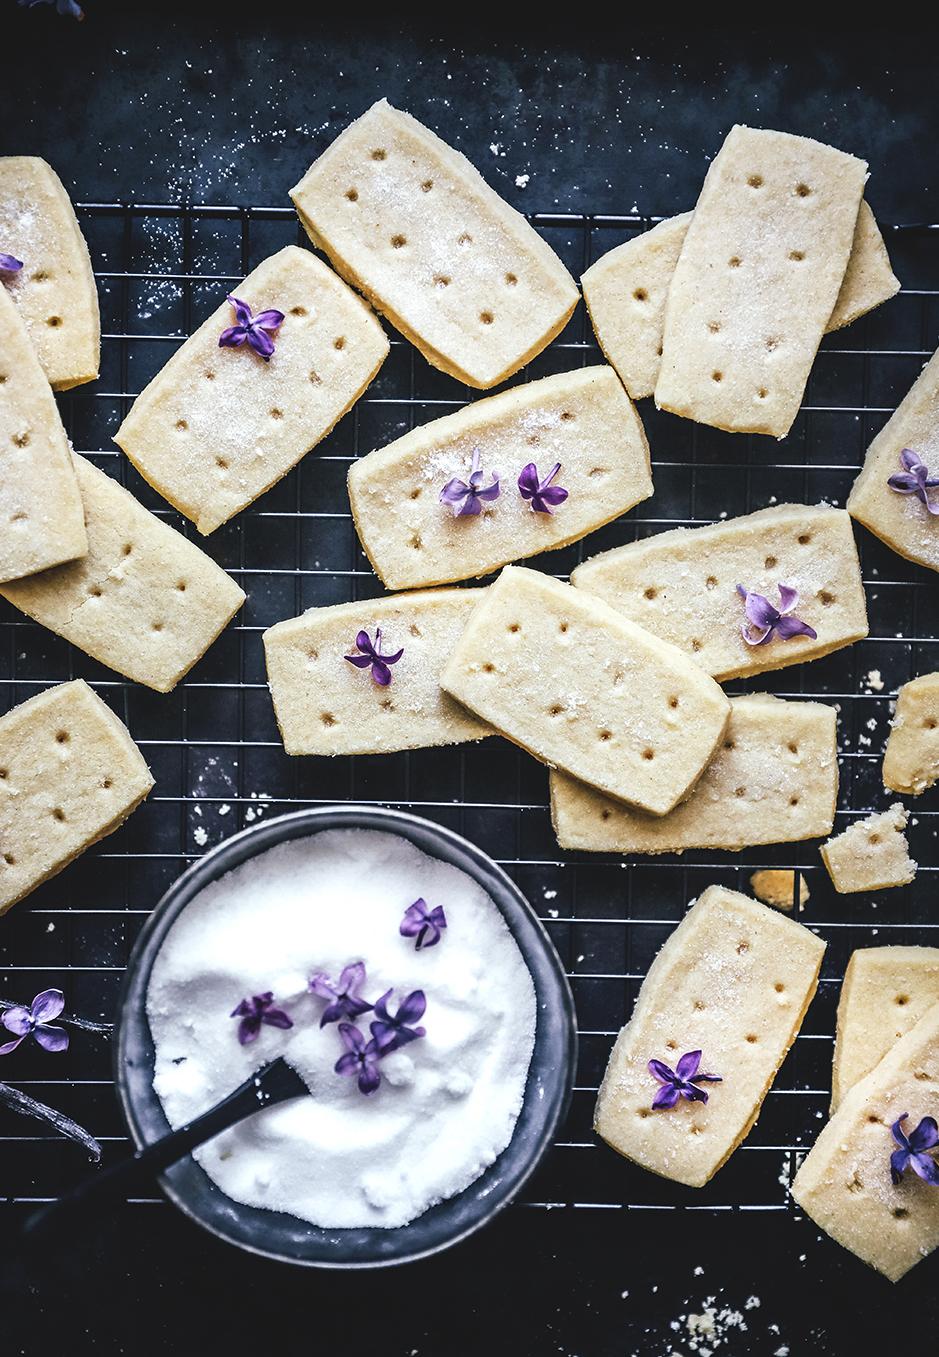 Shortbread ist nicht nur mürbe und butterzart - es lässt sich auch schnell und einfach herstellen.